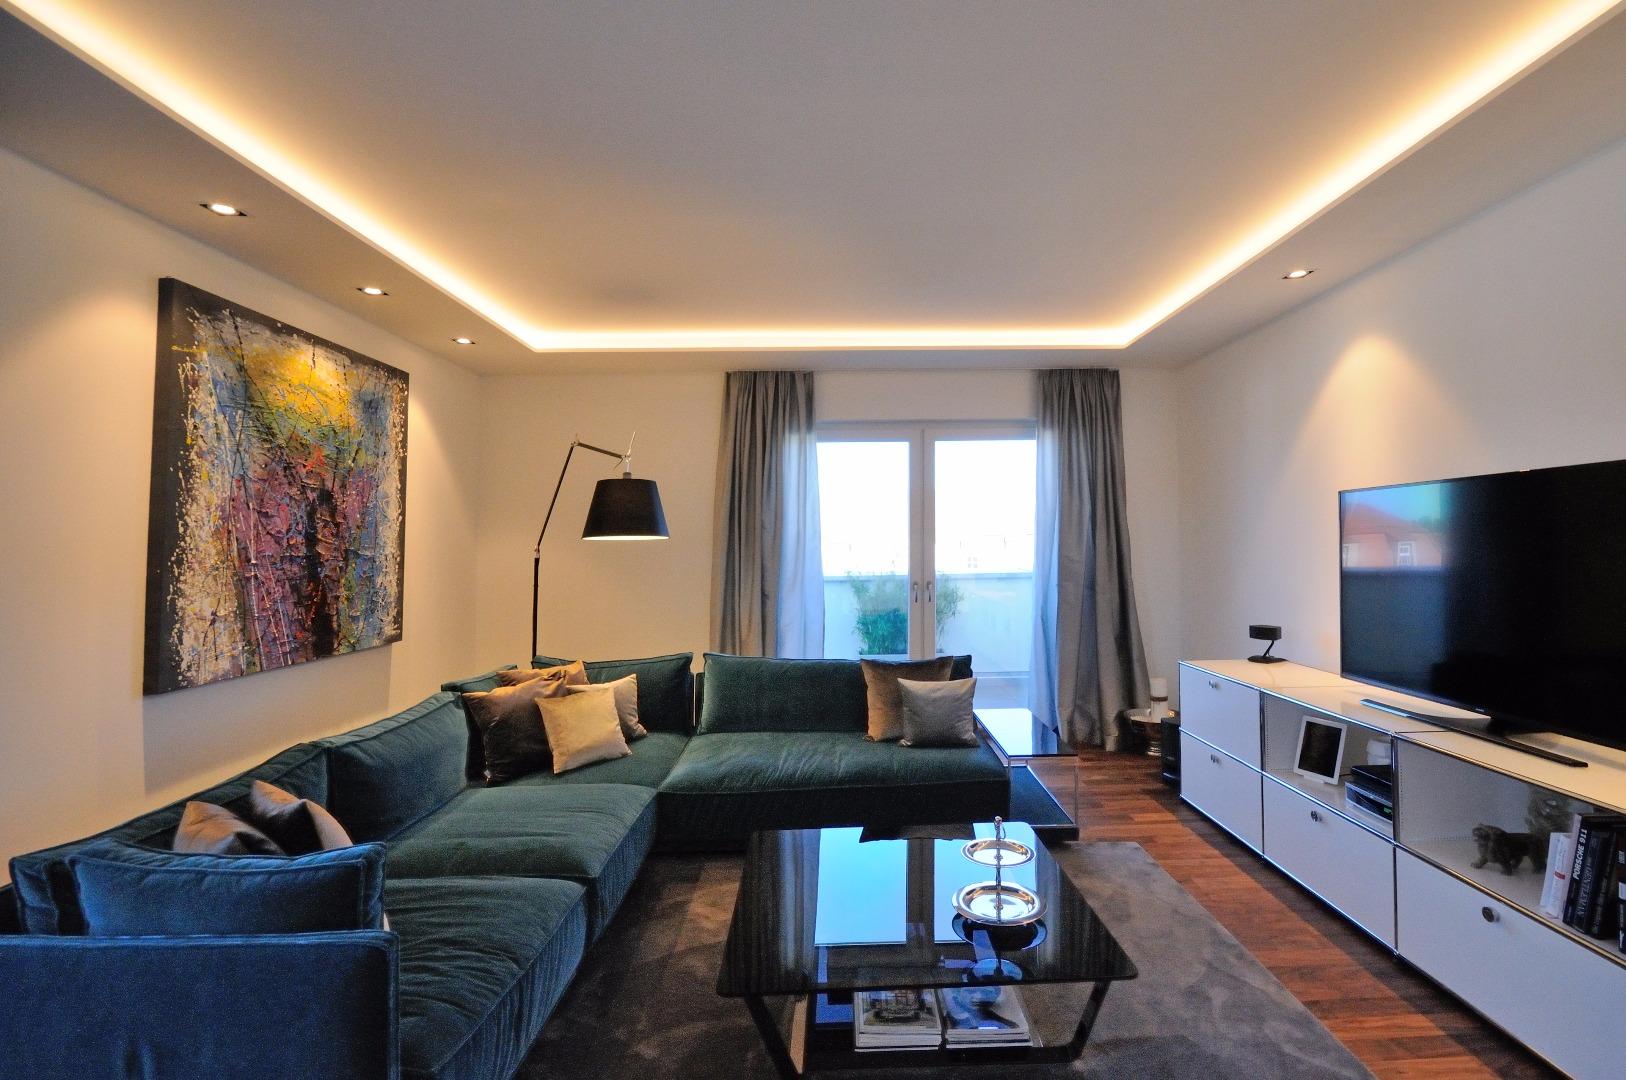 wohnzimmer dresden stunning zwei zwei bder ein riesen wohnzimmer mit esstisch und kuschliger. Black Bedroom Furniture Sets. Home Design Ideas